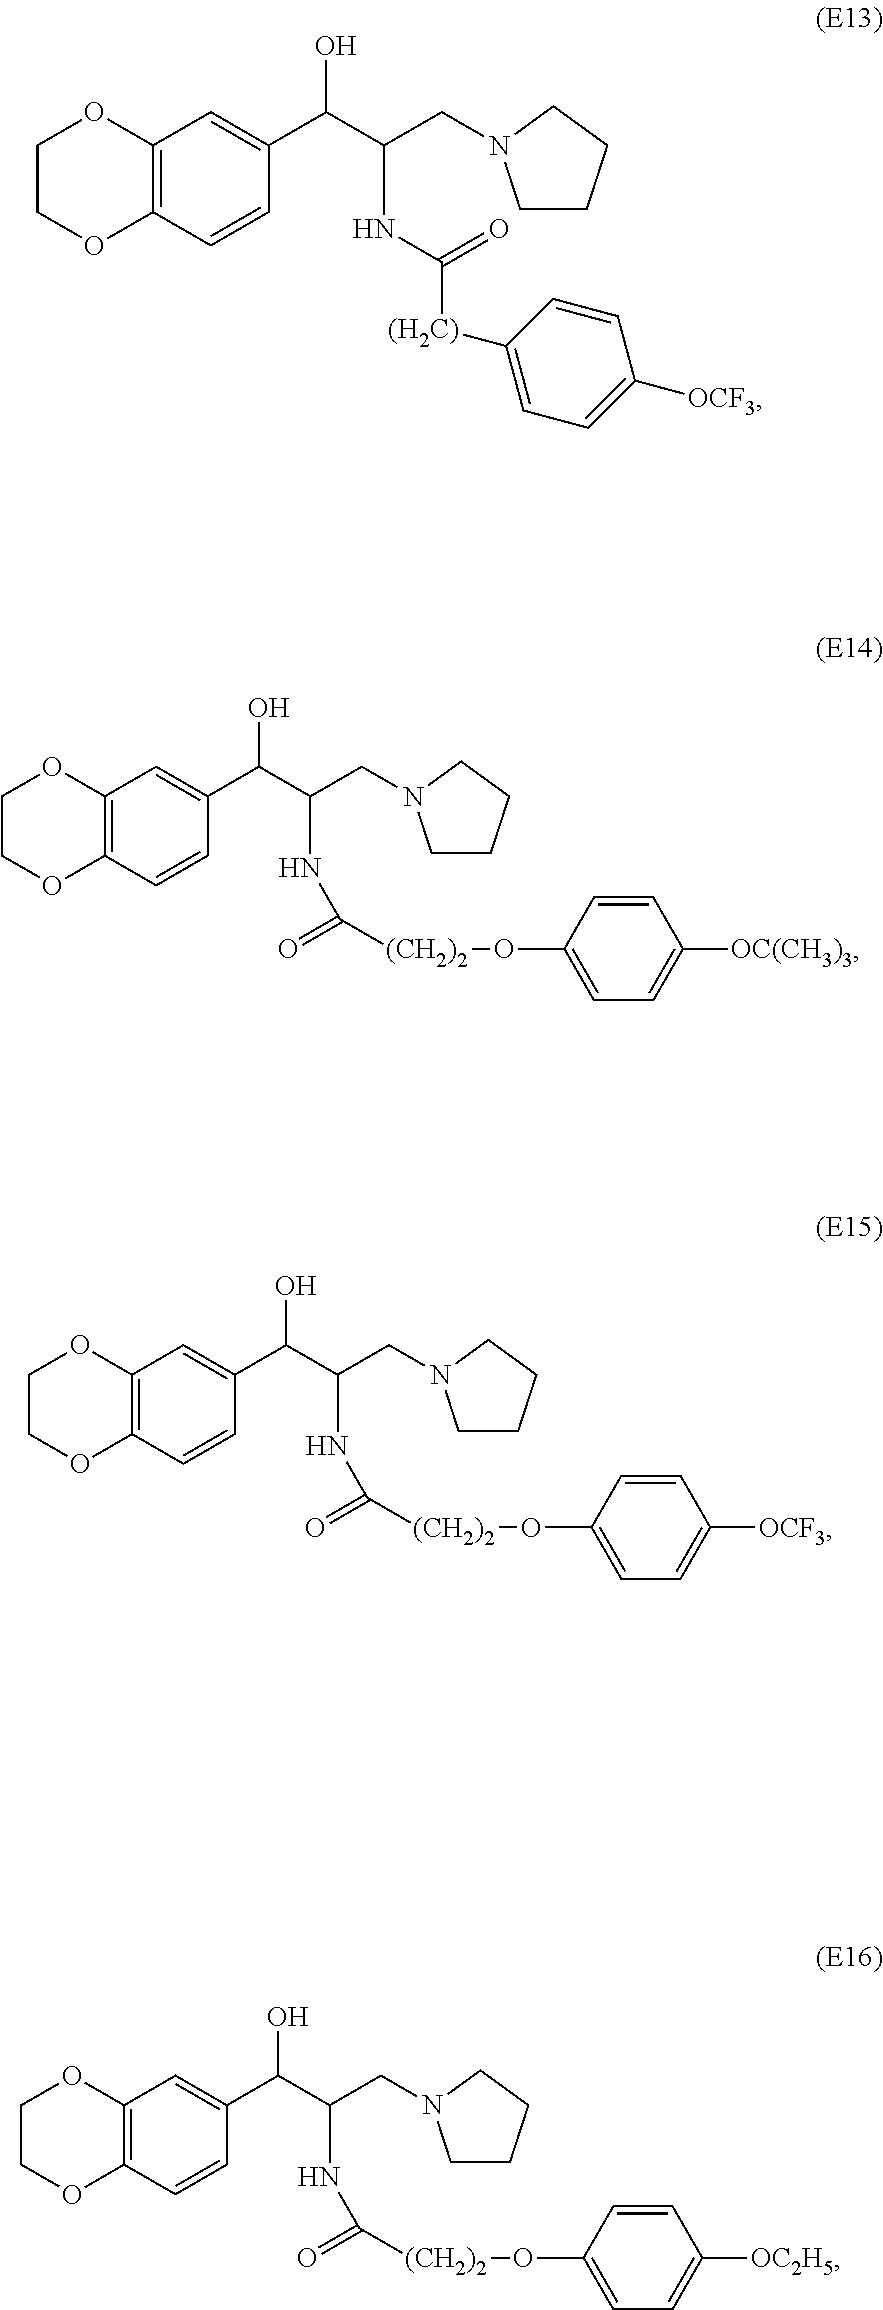 Figure US09272996-20160301-C00038